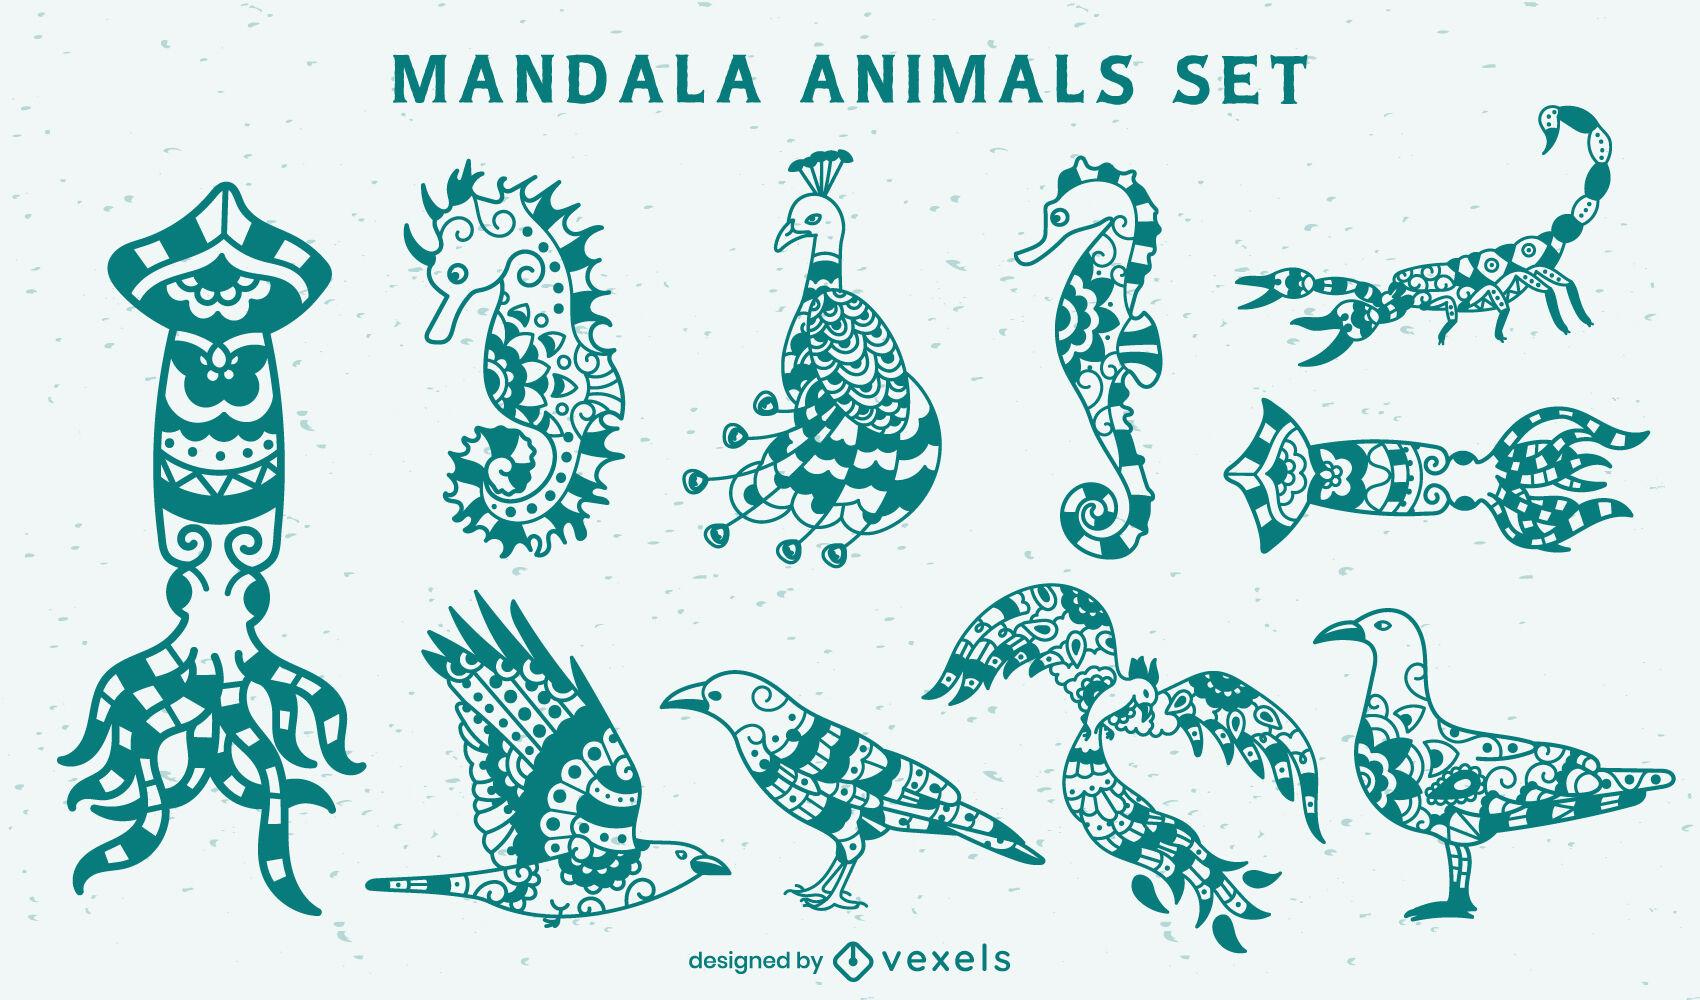 Animales ambientados en estilo mandala.